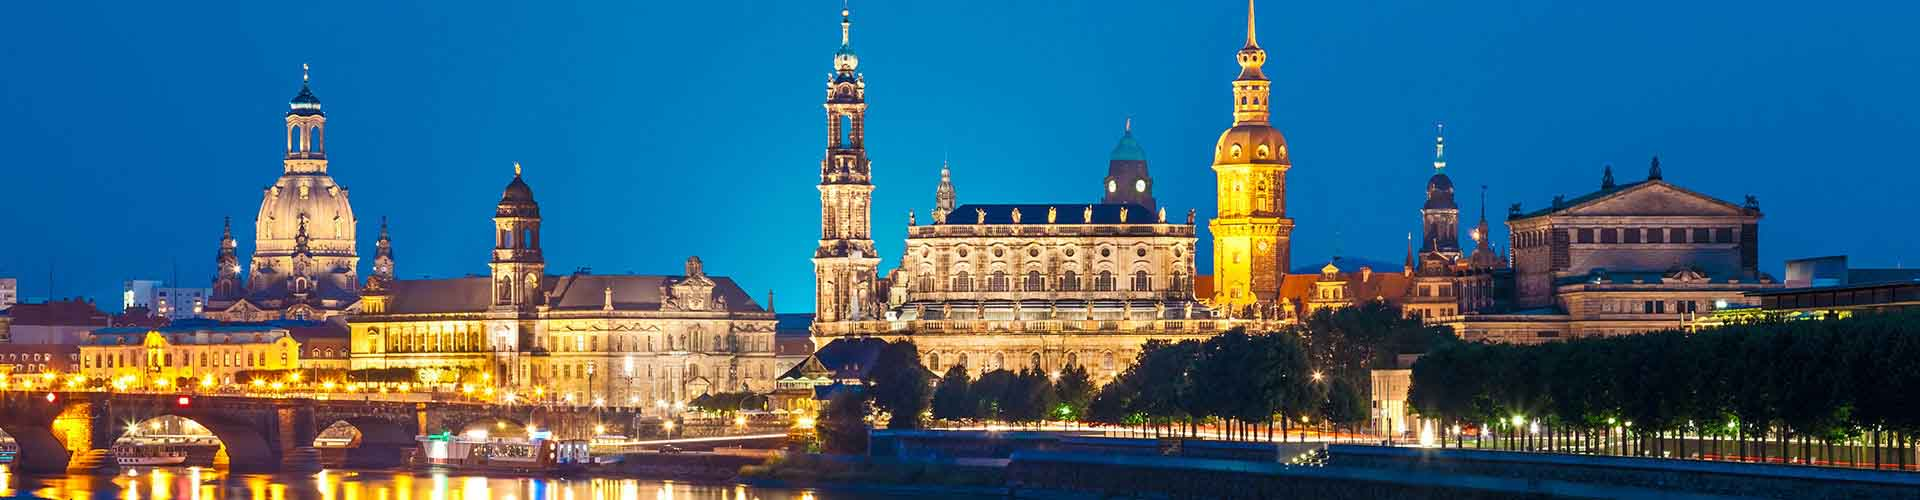 Dresde - Hostales en el distrito Neustadt. Mapas de Dresde, Fotos y comentarios de cada Hostal en Dresde.